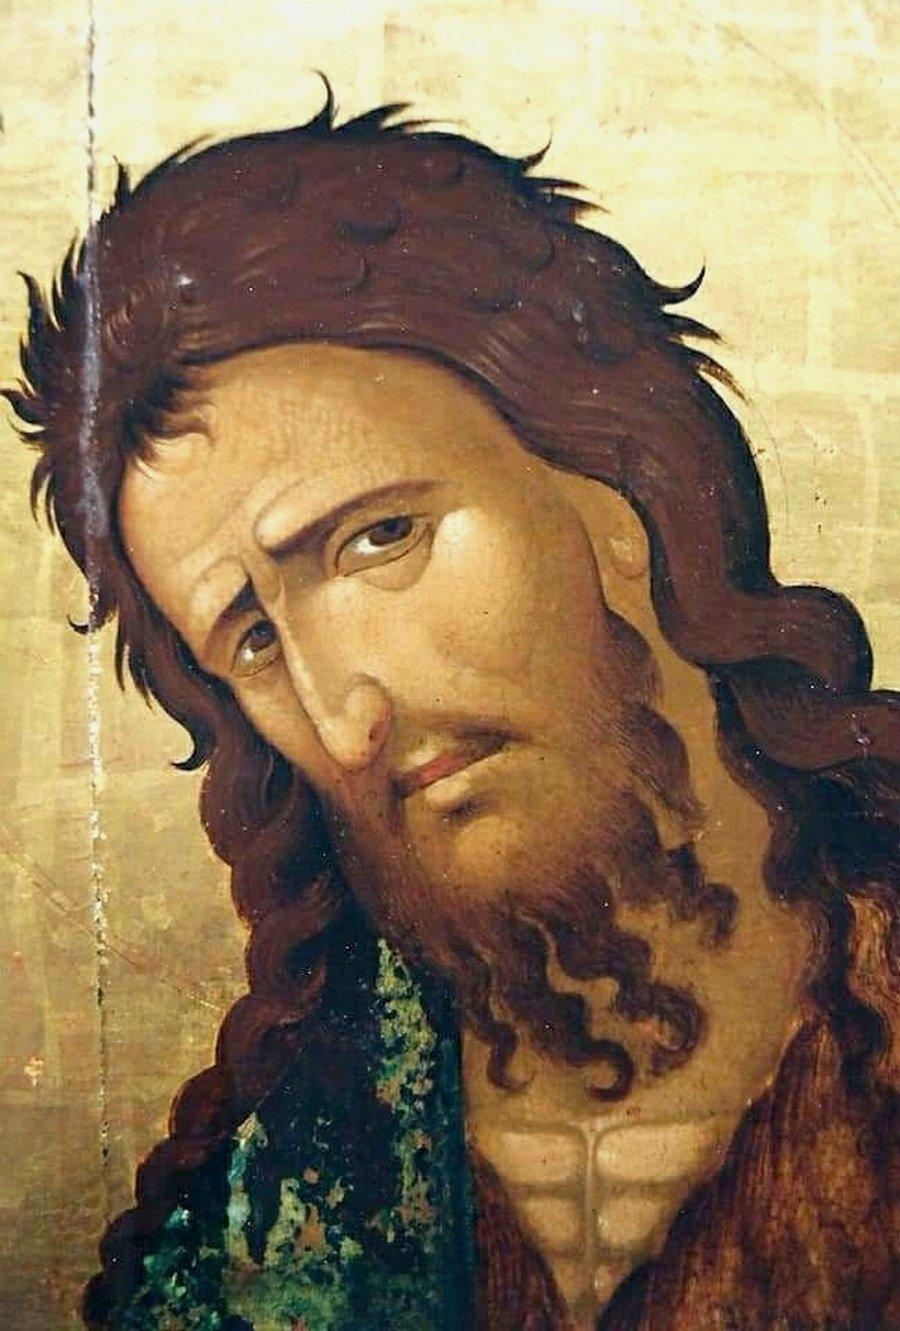 Святой Пророк, Предтеча и Креститель Господень Иоанн. Кипрская икона XVI века. Фрагмент.